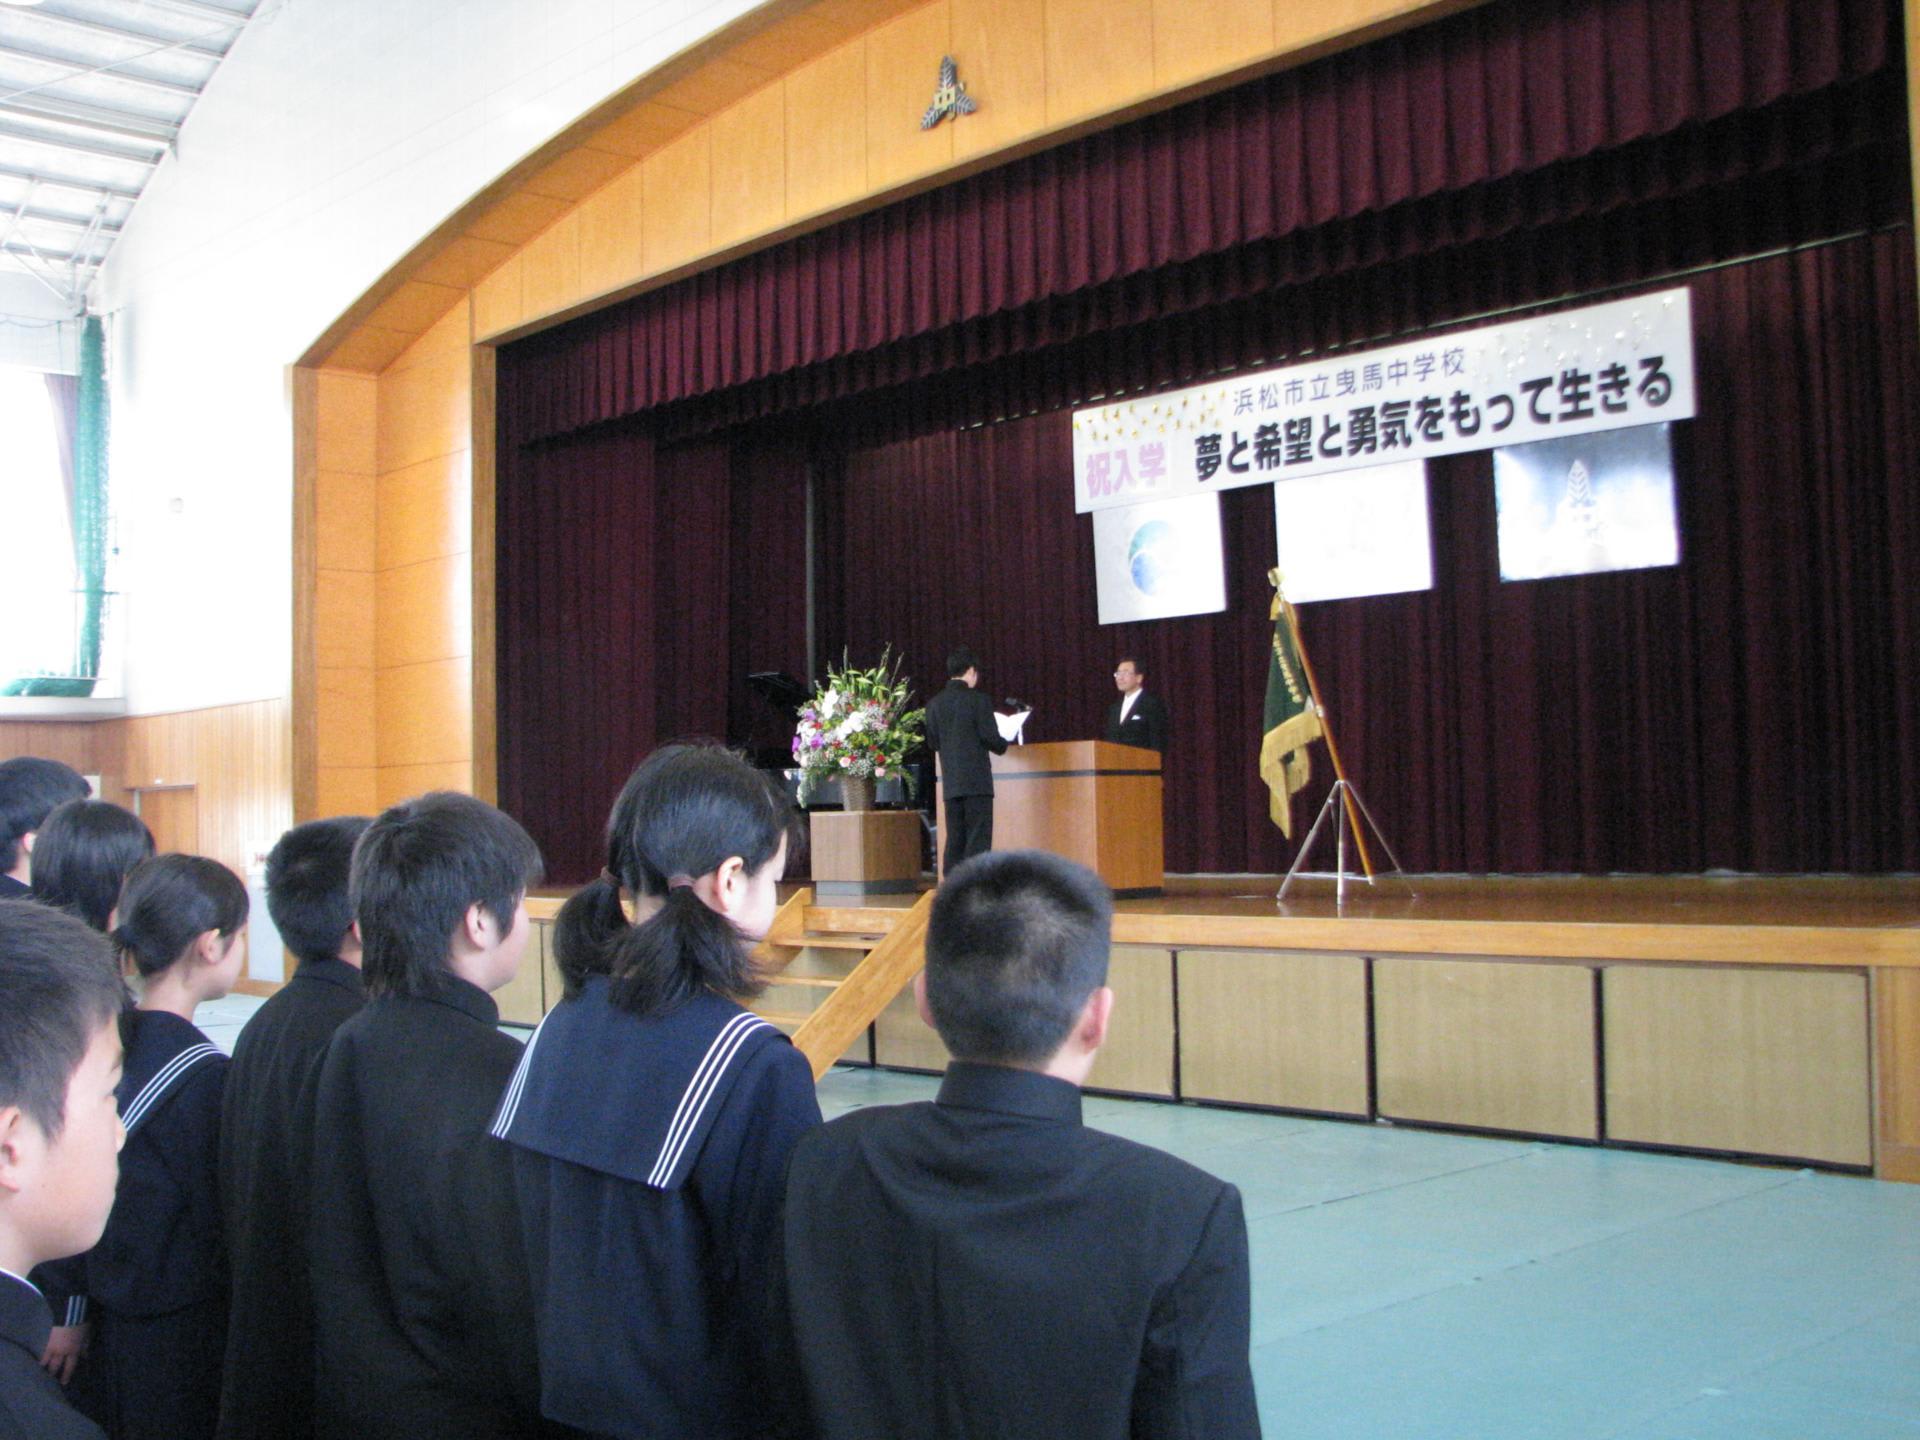 入学式を行いました。 - こんにちは!浜松市立曳馬中学校の ...